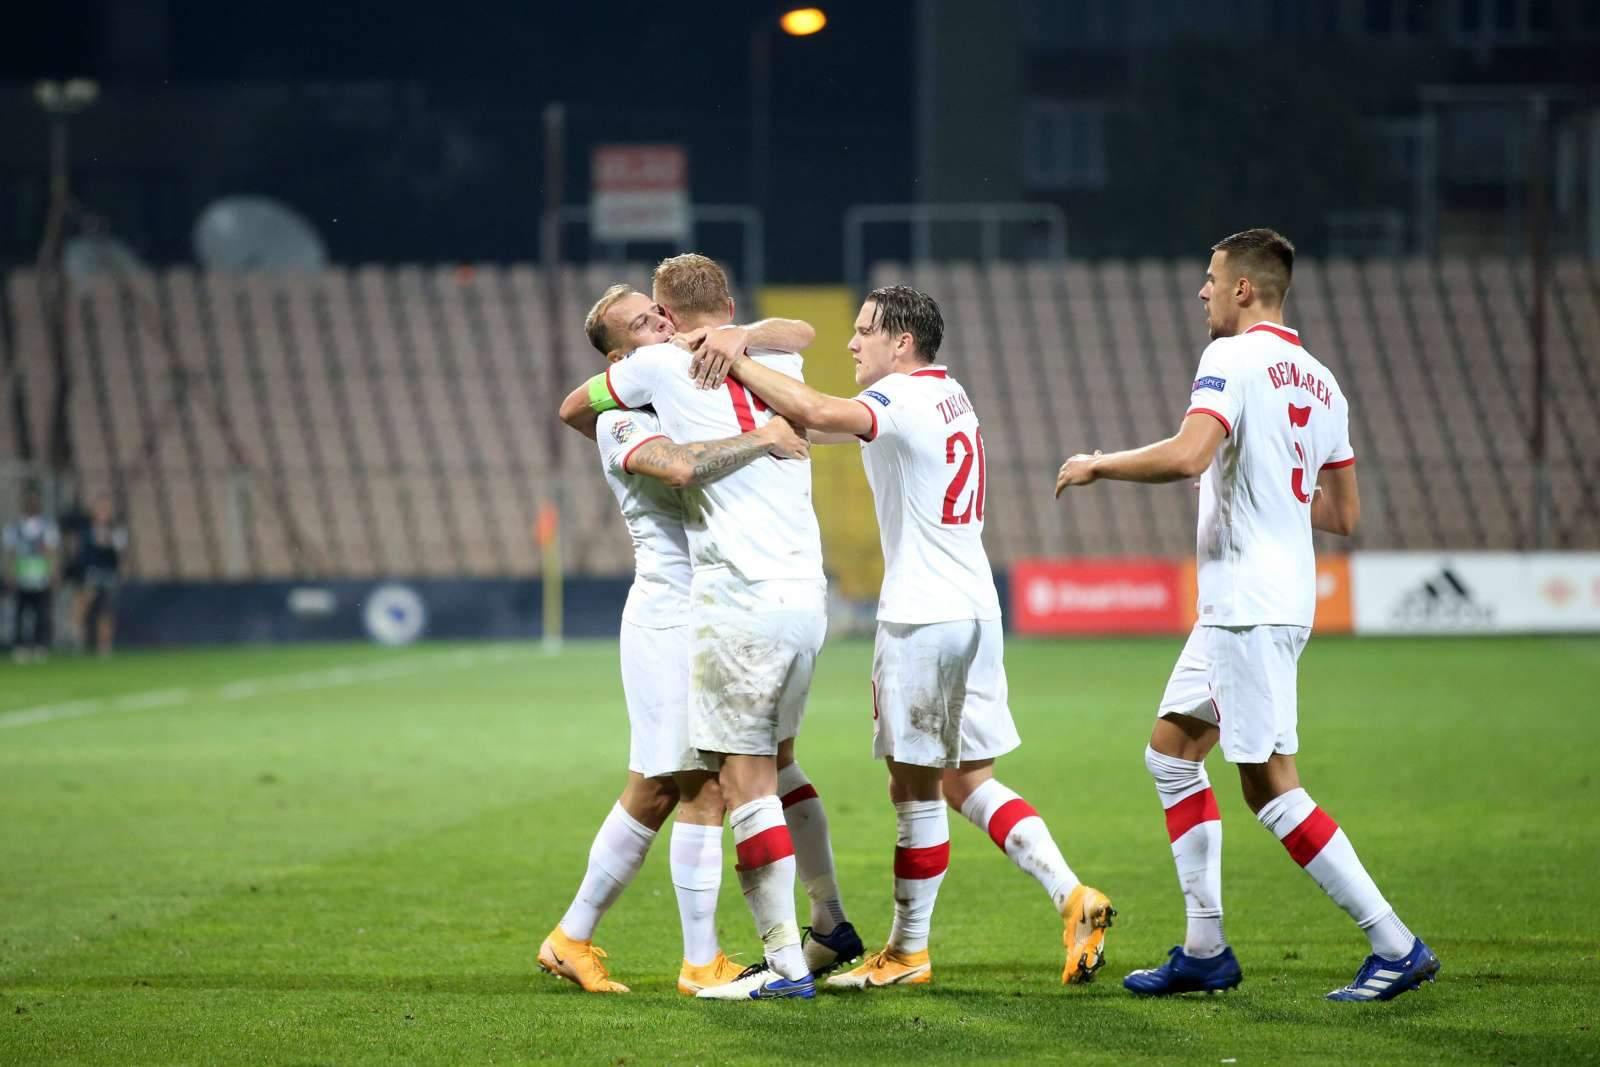 Польша – Албания: прогноз на матч отборочного цикла чемпионата мира-2022 - 2 сентября 2021